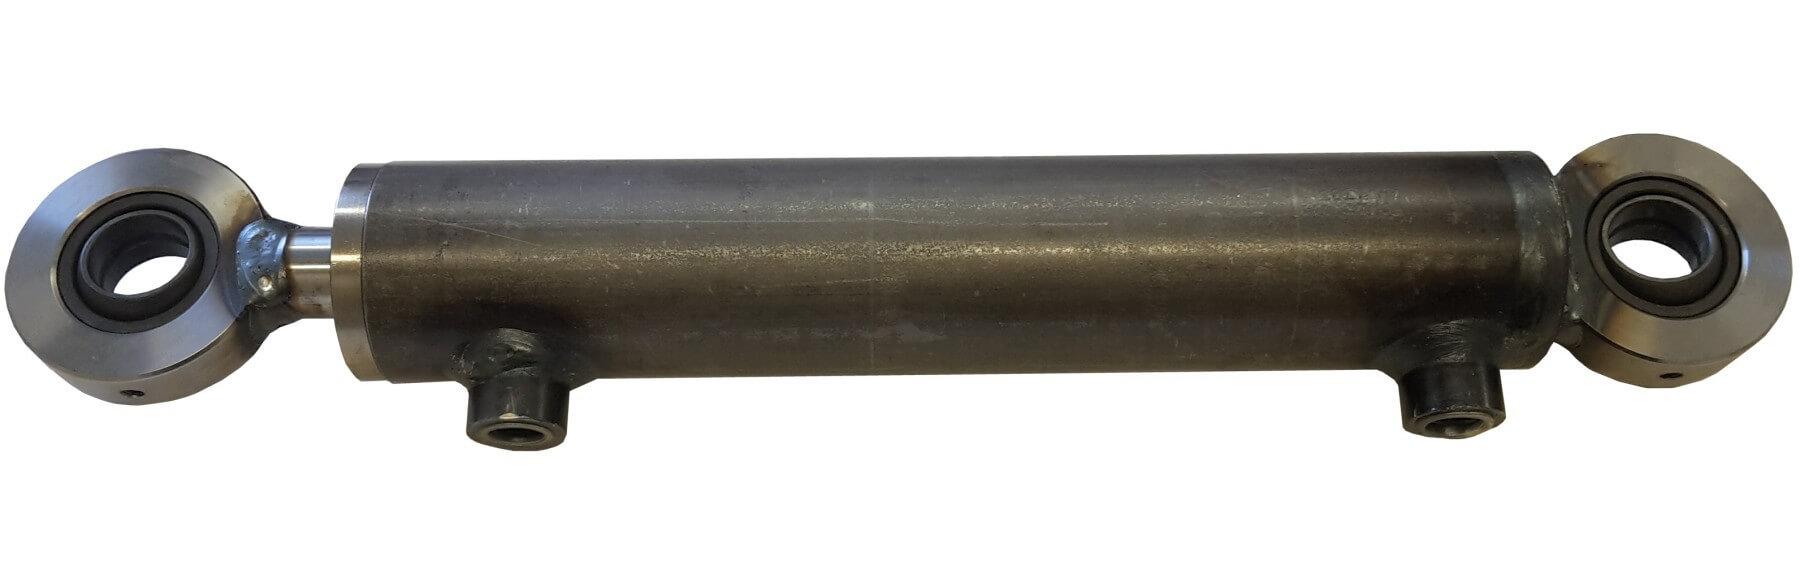 Hydraulisylinteri CL 100. 60. 800 GE - Kailatec Oy Verkkokauppa